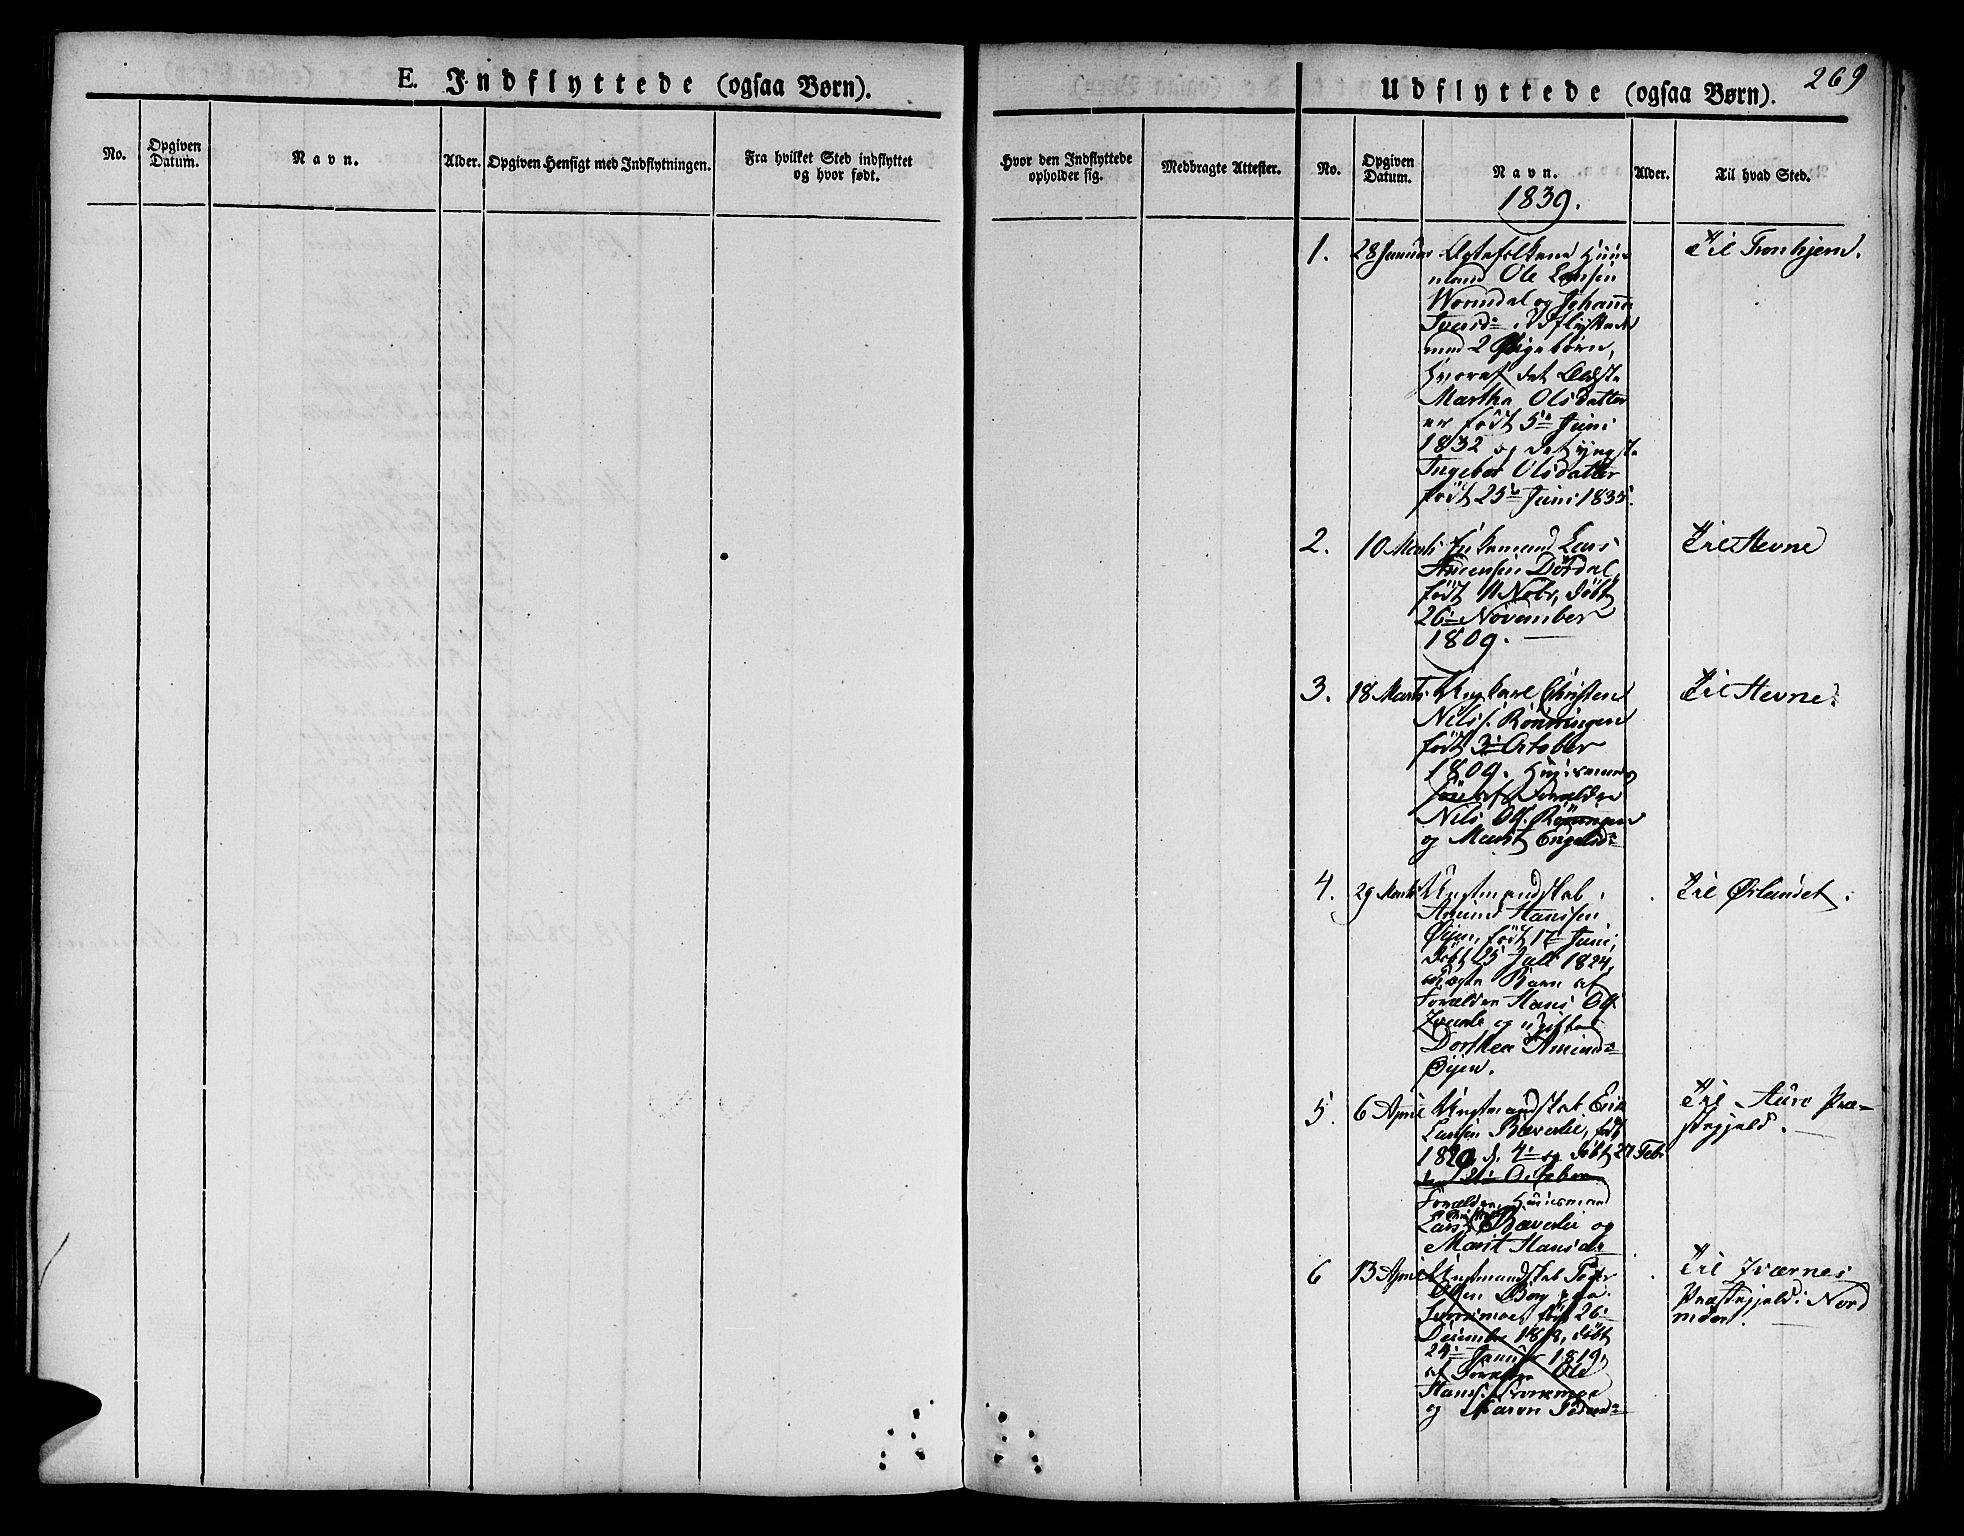 SAT, Ministerialprotokoller, klokkerbøker og fødselsregistre - Sør-Trøndelag, 668/L0804: Ministerialbok nr. 668A04, 1826-1839, s. 269